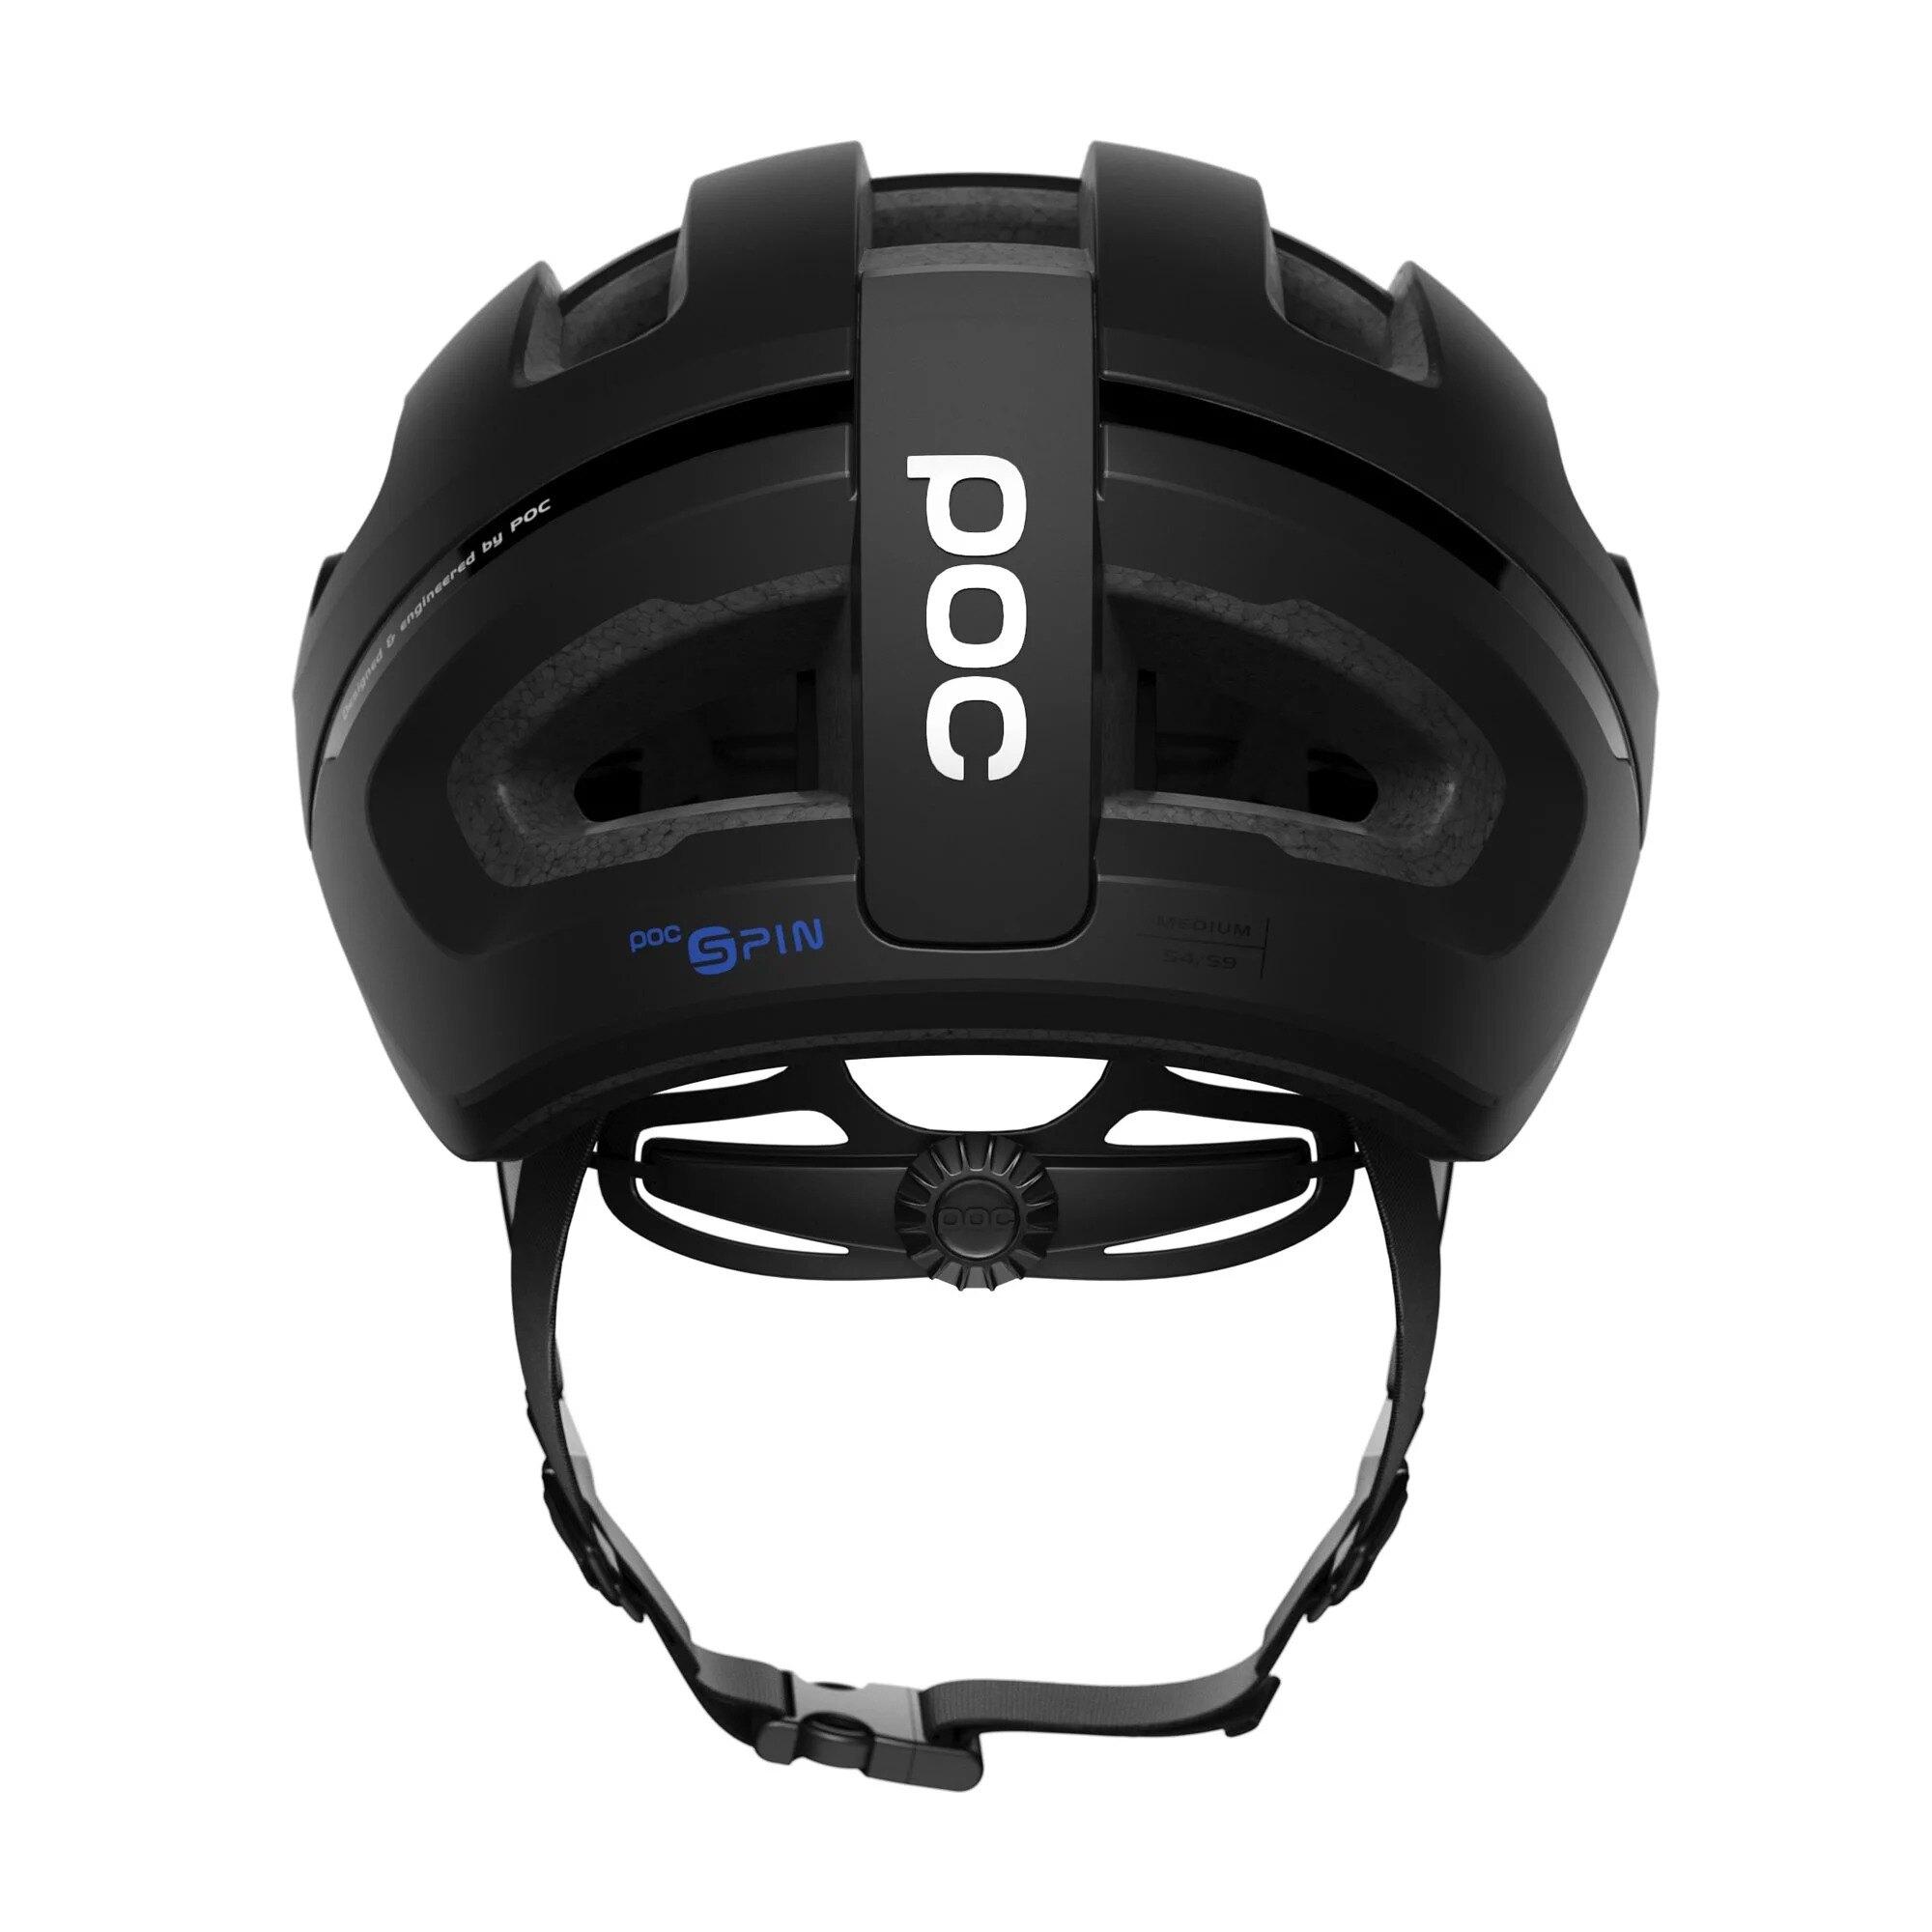 【7號公園自行車】POC Omne Air WF Spin 寬版安全帽(消光黑)(台灣代理商公司貨)